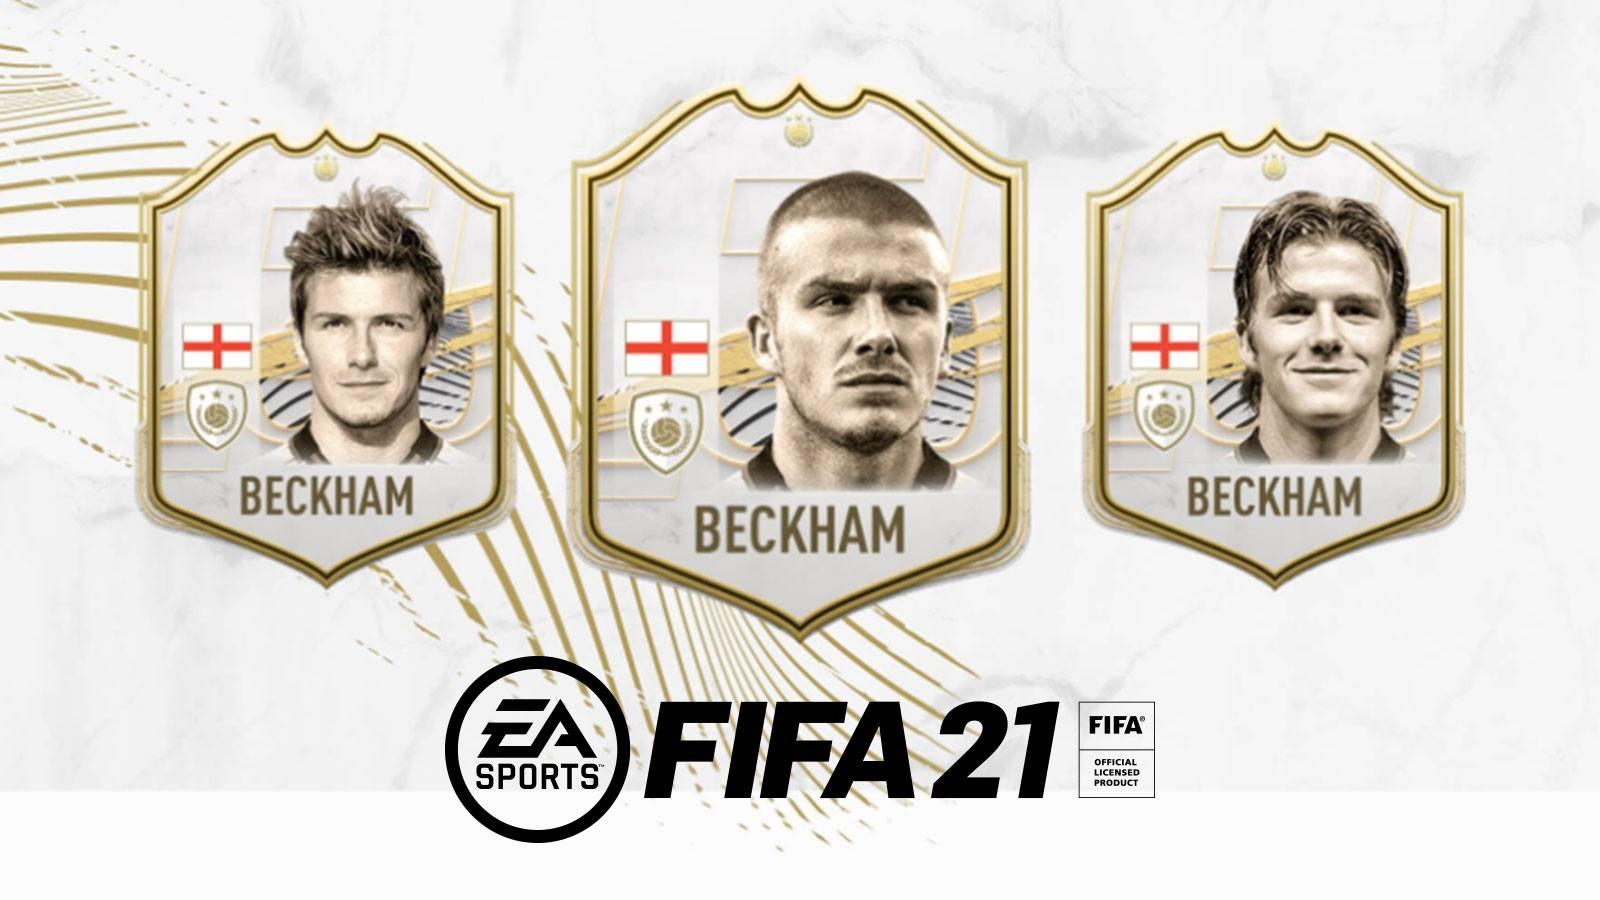 Icône David Beckham sur FIFA 21